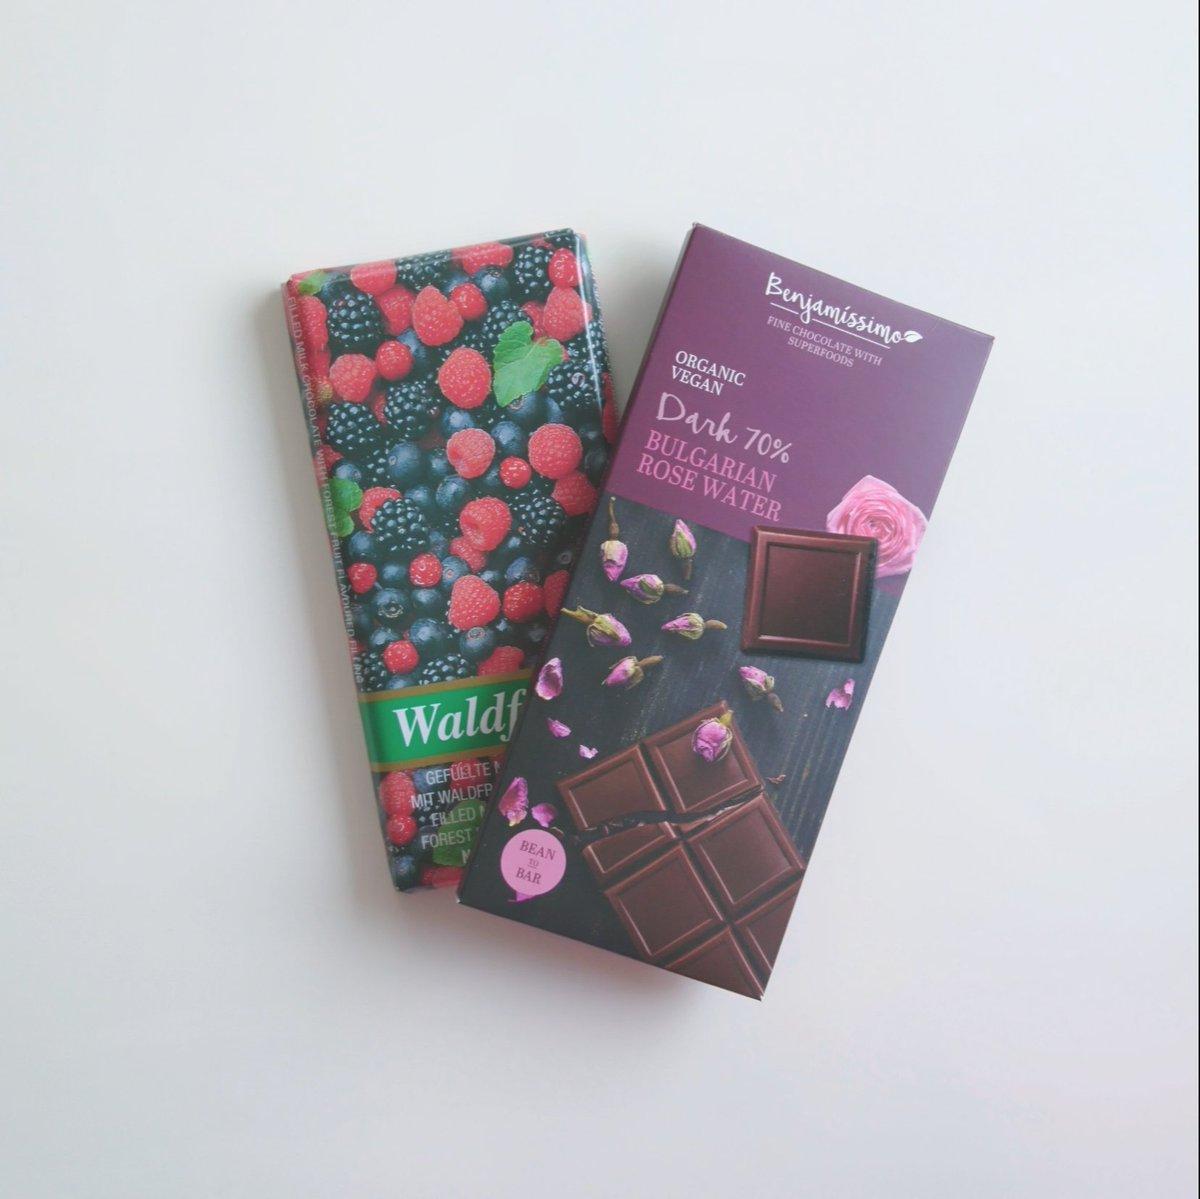 ひと欠片の安息  🇧🇬Organic Vegan Dark Chocolate With Bulgarian Rose Water  🇩🇪Milk Chocolate With Forest Fruit Flavoured Filling  #今週のチョコレート #chocolateholic https://t.co/6CaJtLFJGY